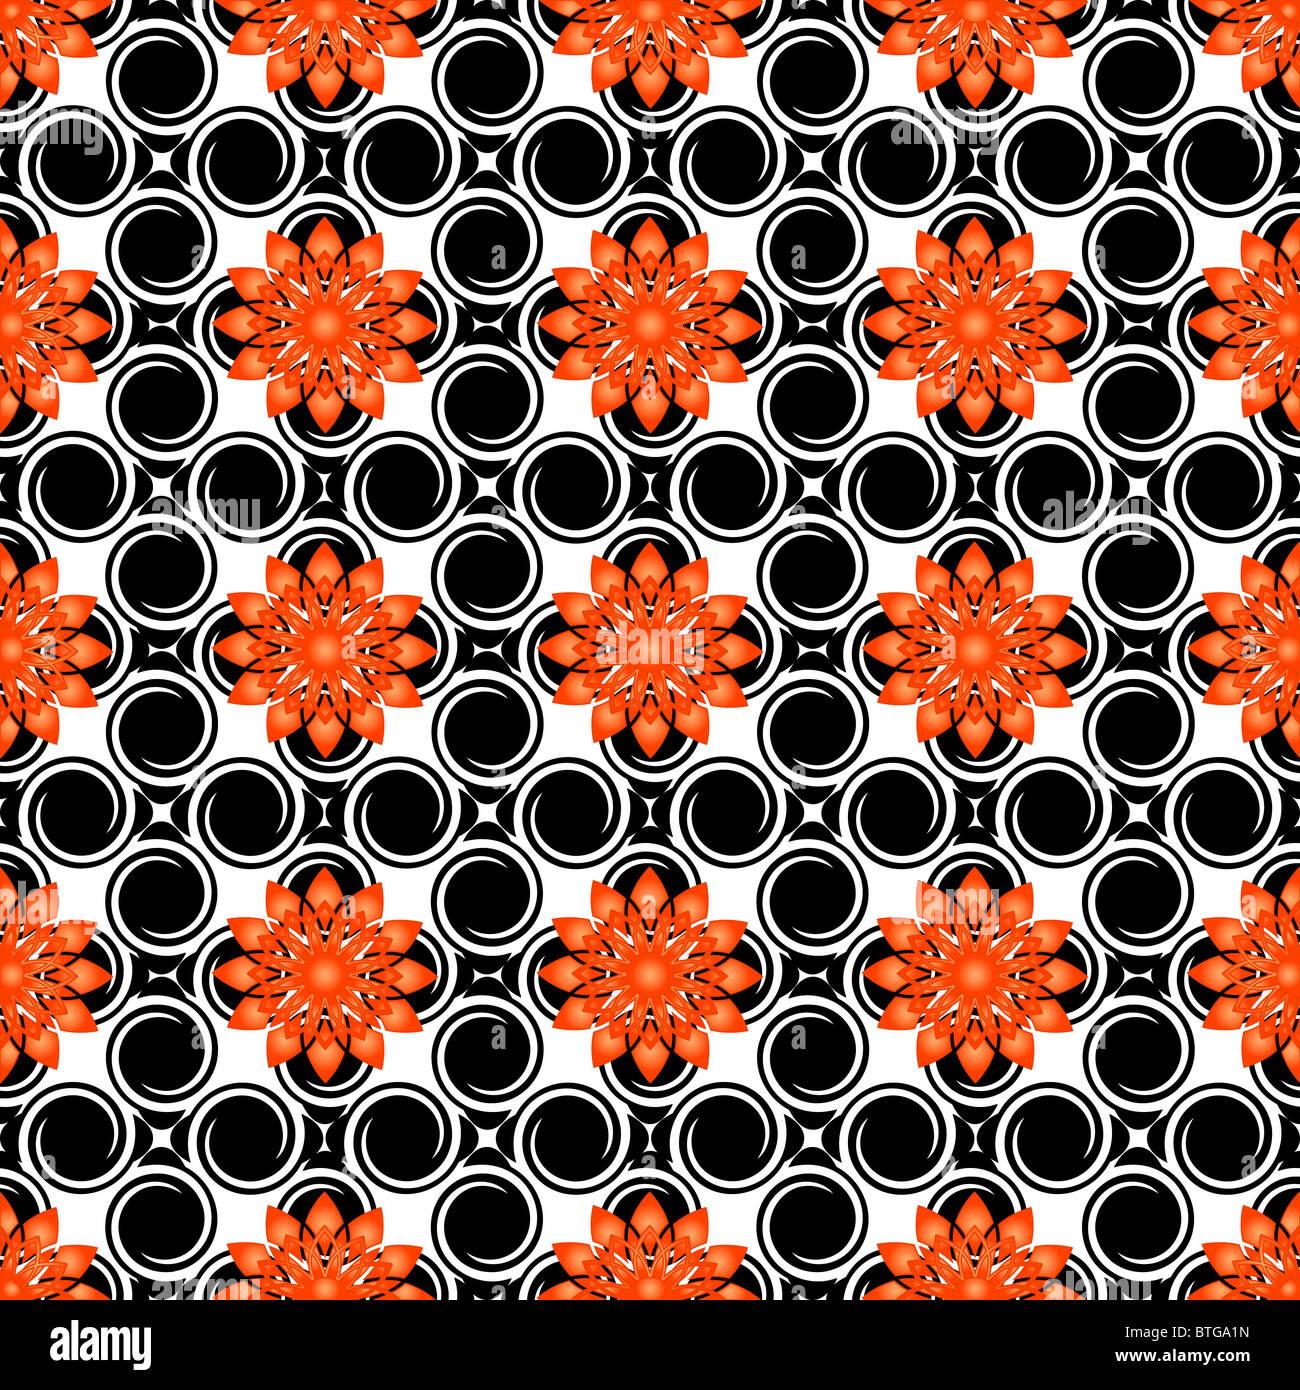 Ilustración de un patrón floral Imagen De Stock